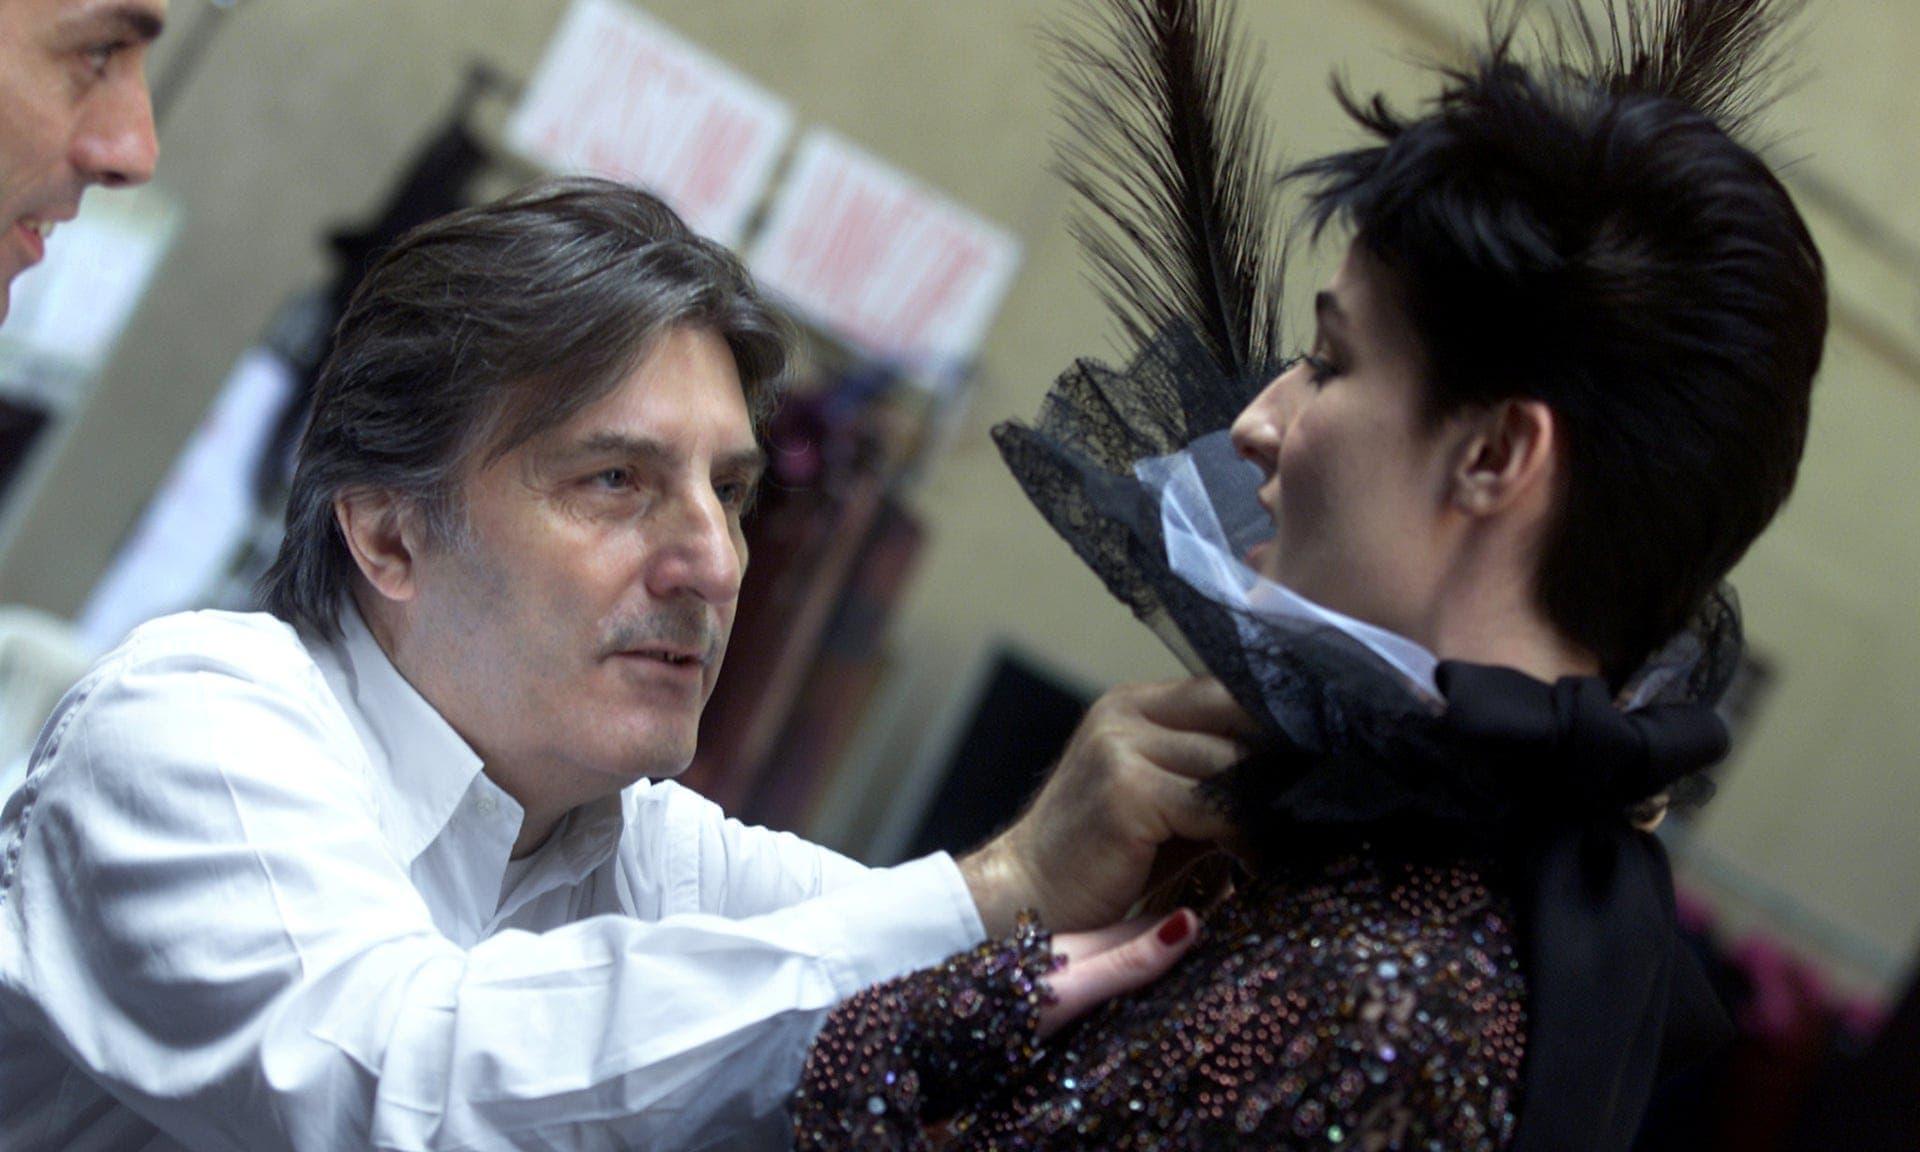 إيمانويل أنغارو خلال التحضيرات لعرض مجموعته من الأزياء الراقية لخريف وشتاء2001-2002